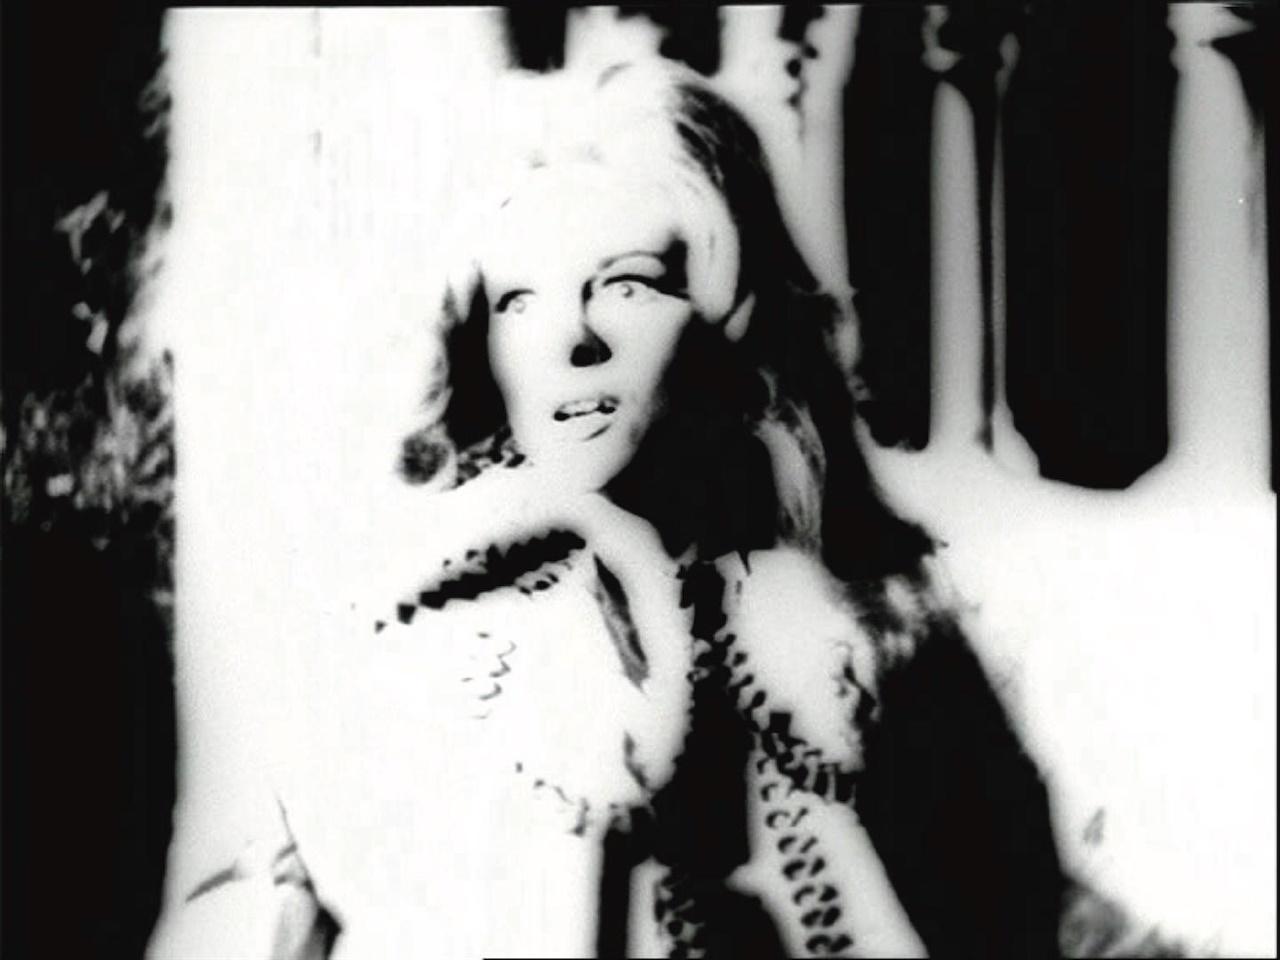 <뱀피르 쿠아데쿠 Vampir-Cuadecuc>의 한 장면 <뱀피르>는 크리스토퍼 리 주연의 영화 <드라큘라 백작> 제작당시, 일부 배우와 현장의 이미지를 포르타벨라 감독만의 독특한 미학과 영화문법으로 촬영했다.